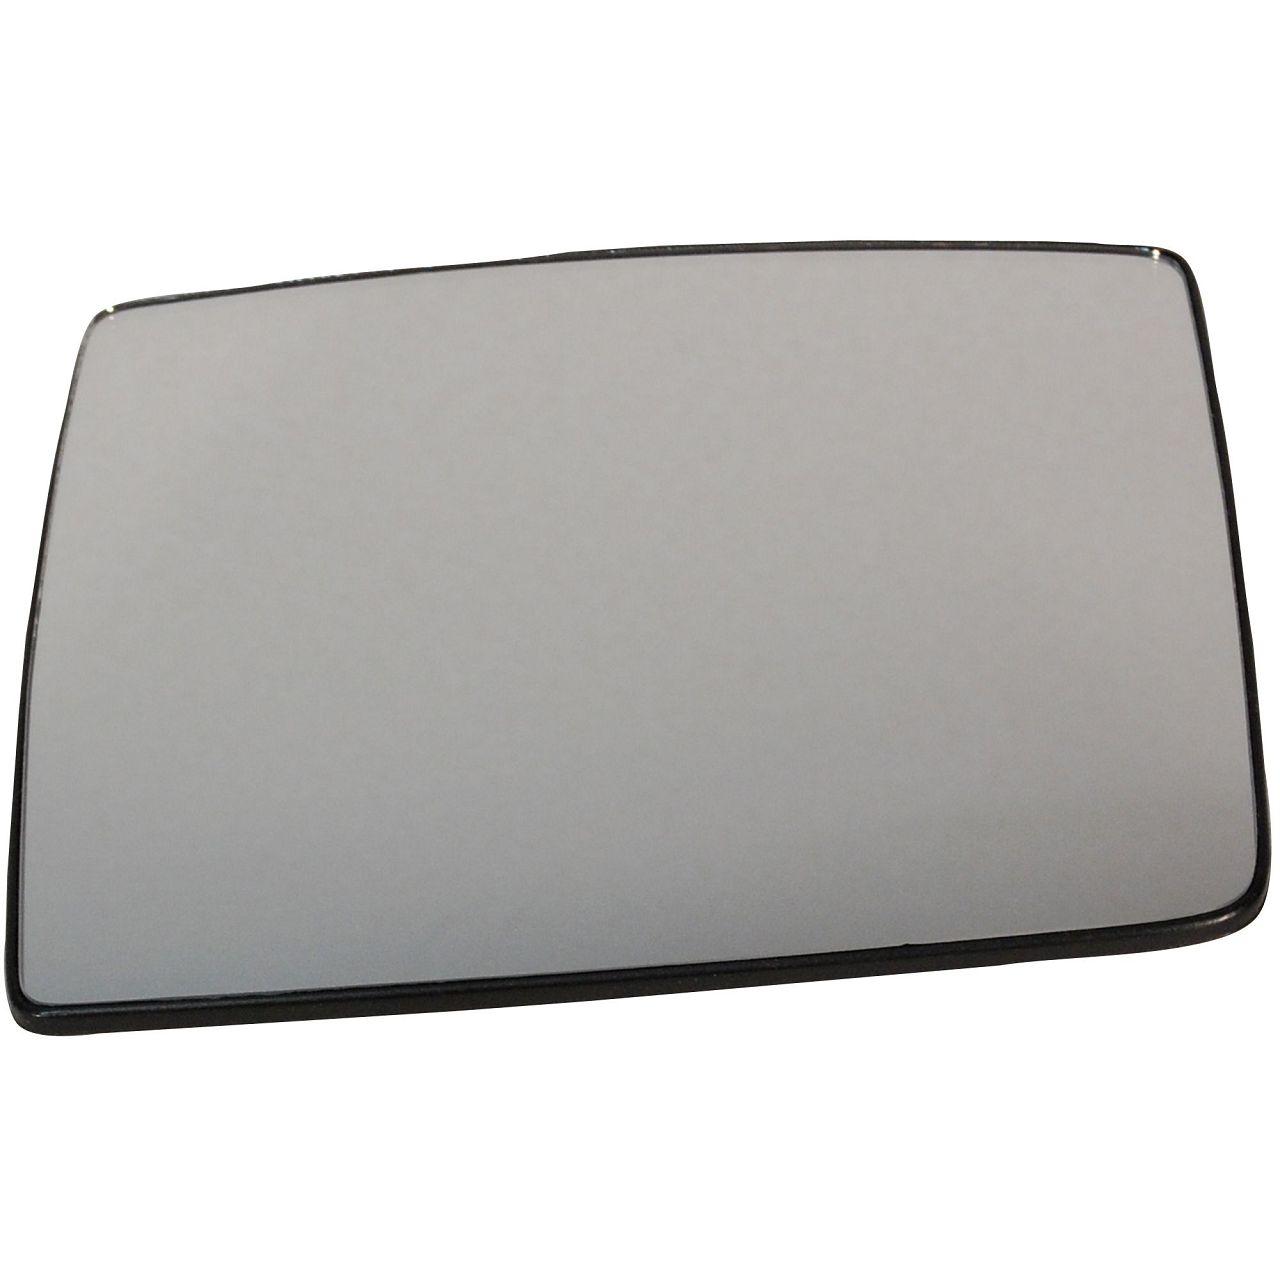 Außenspiegel Spiegelglas für OPEL Combo ab 10.2001 links 6428768 / 24432469